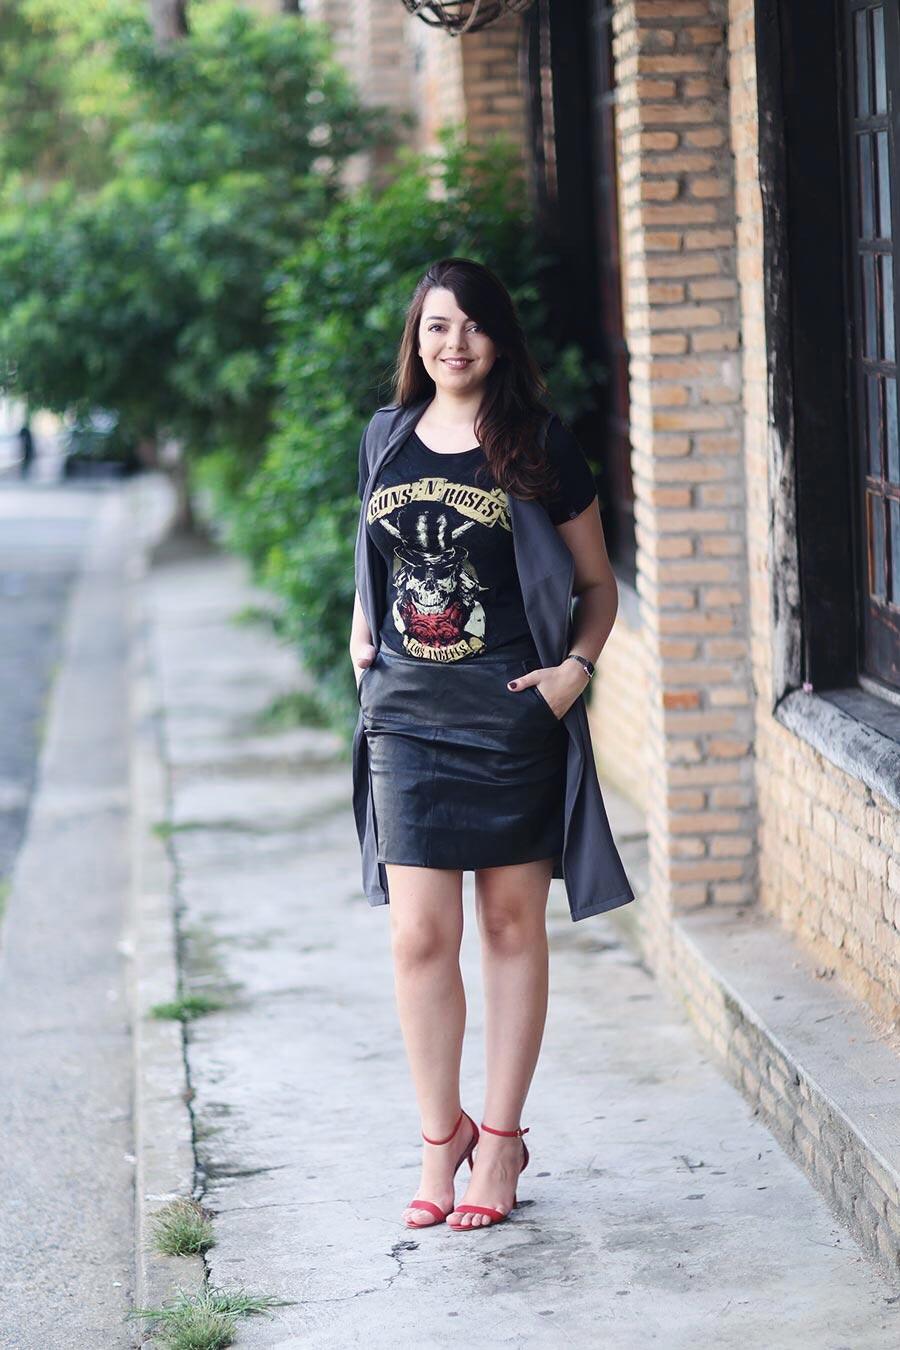 56a498b20 Look do dia  Camiseta de rock com estilo